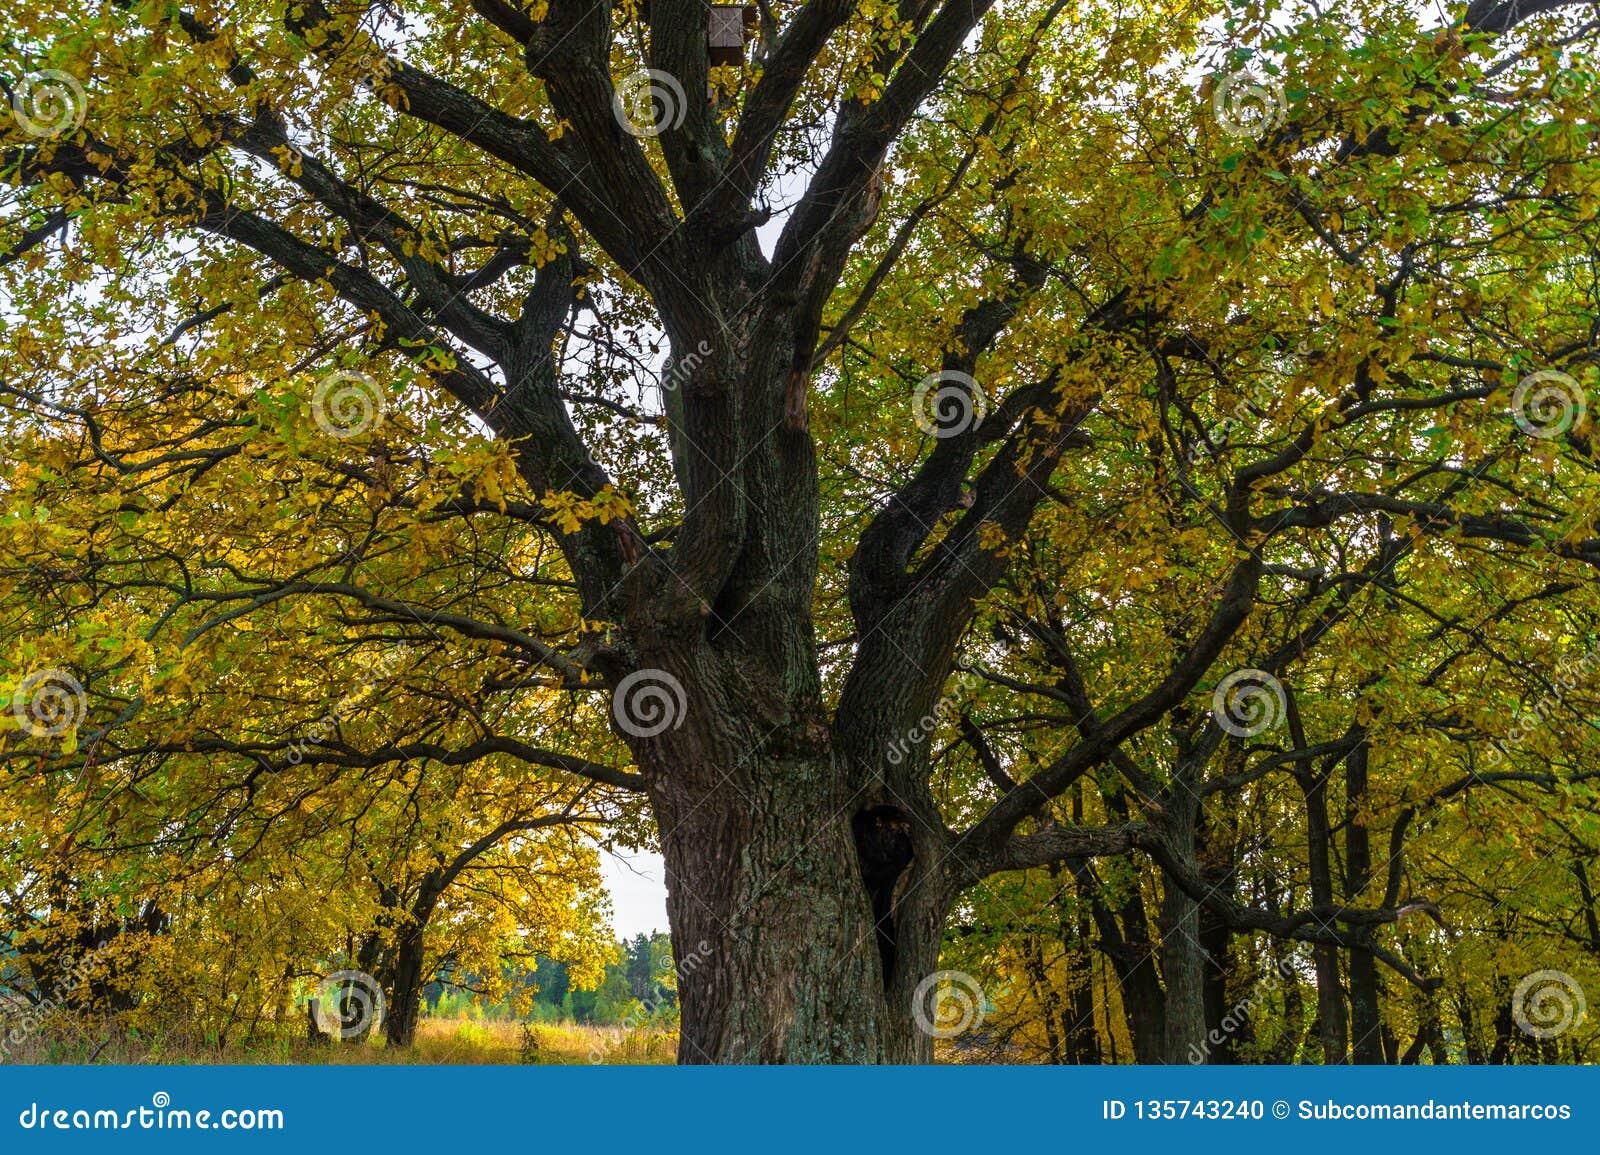 Um carvalho antigo velho poderoso, estando apenas na borda de um bosque do carvalho da relíquia outono dourado, folha amarela lux